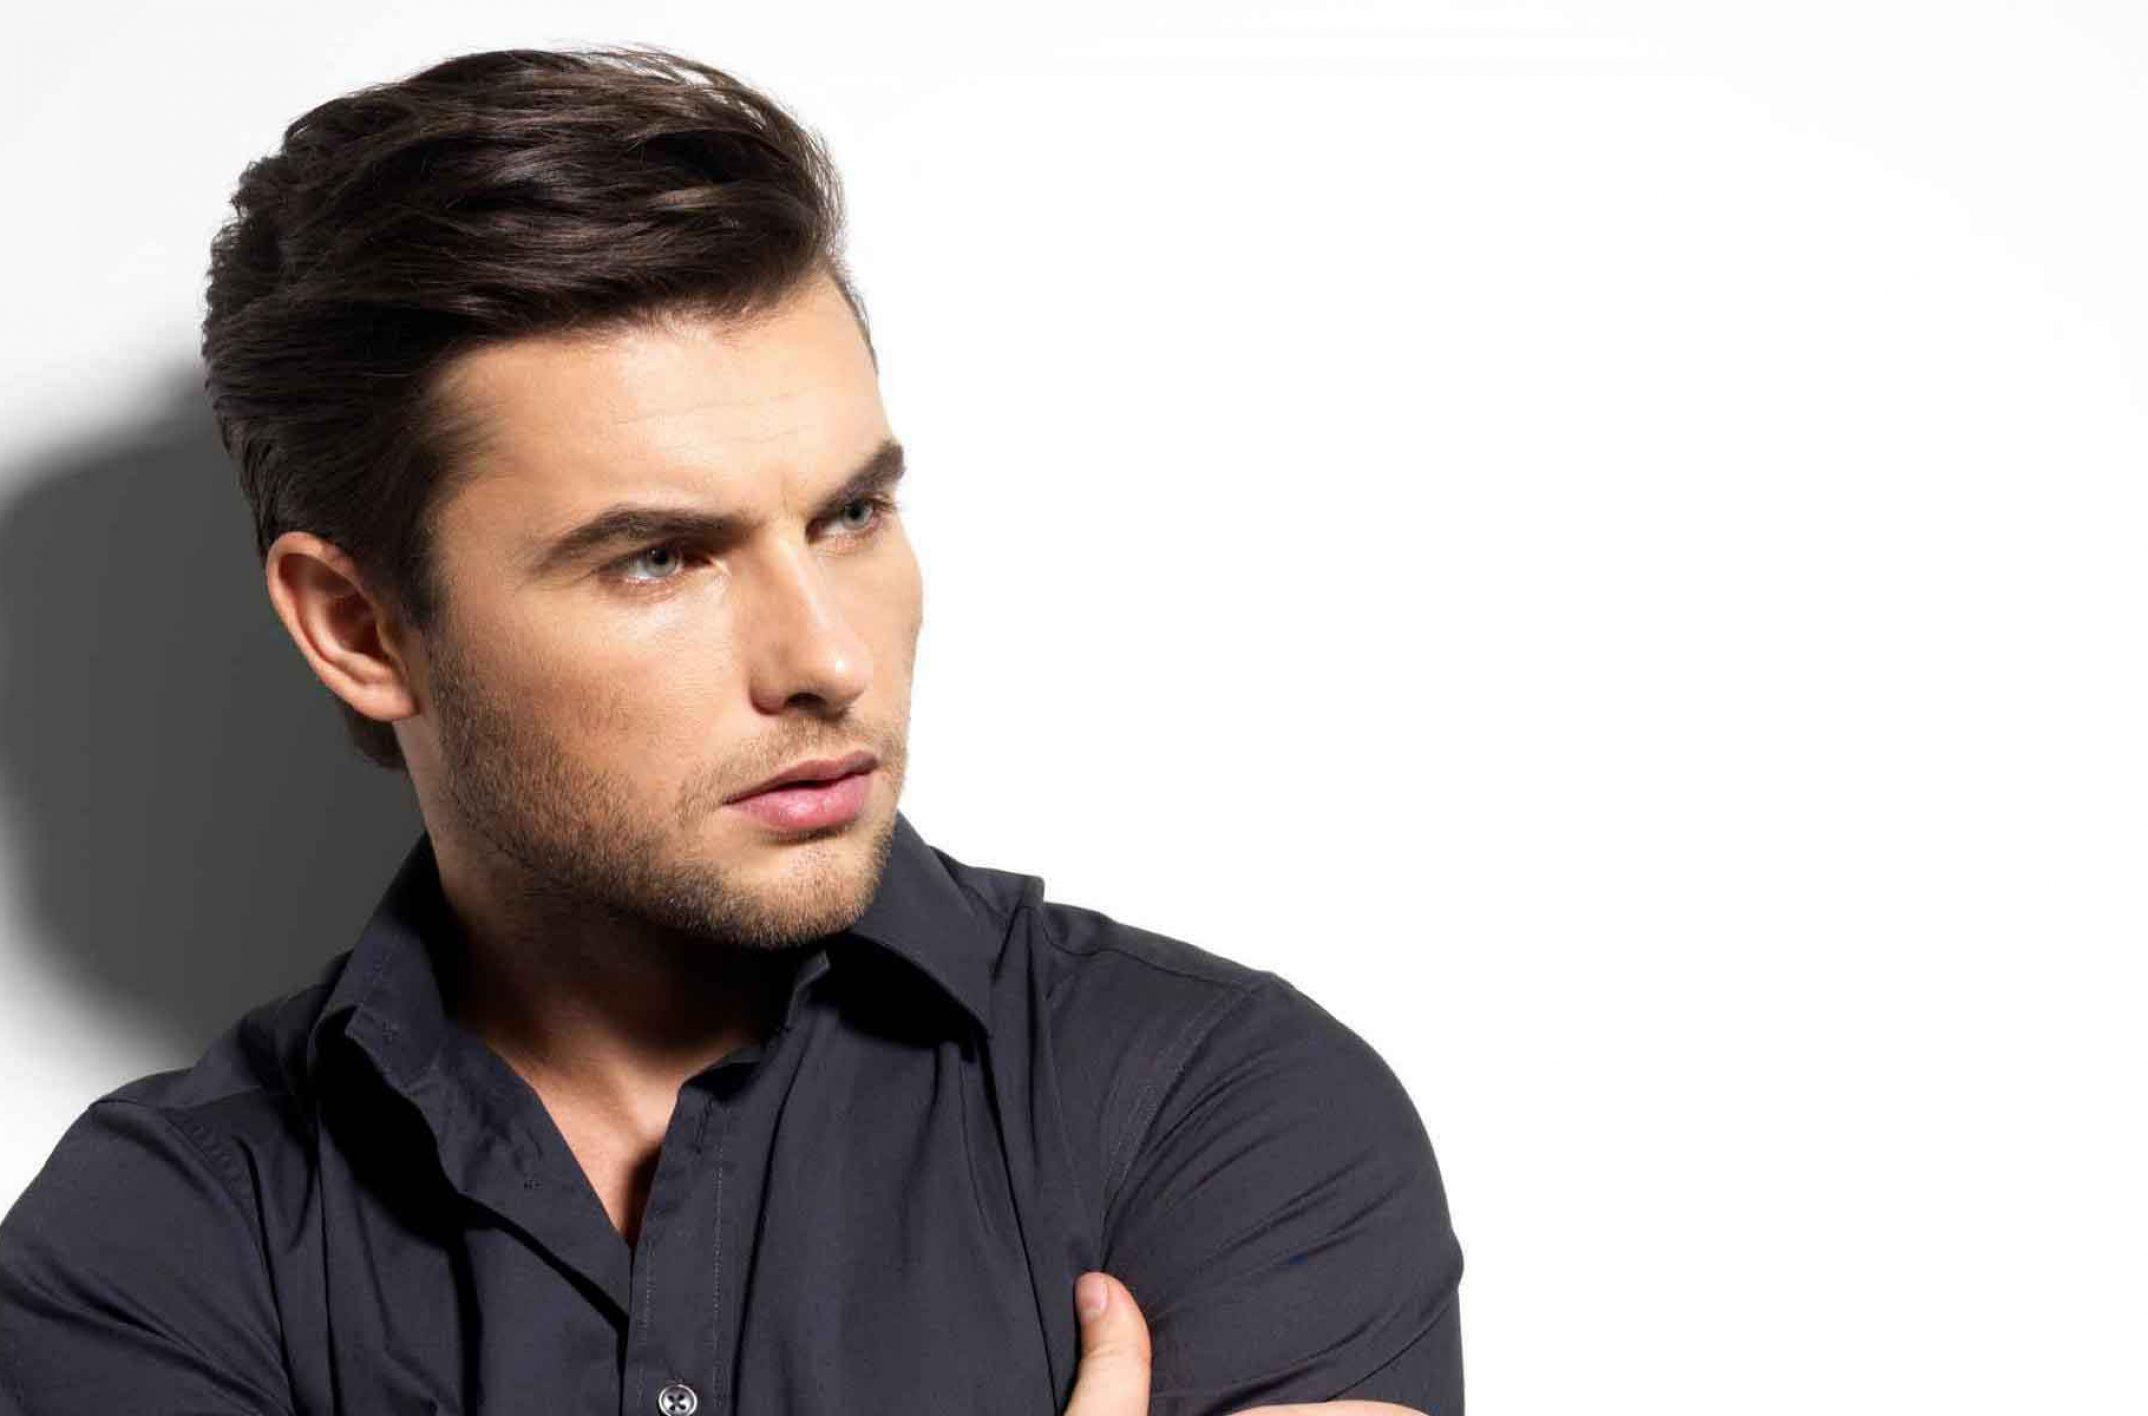 coiffure homme comment se coiffer cette ann e pour tre tendance. Black Bedroom Furniture Sets. Home Design Ideas